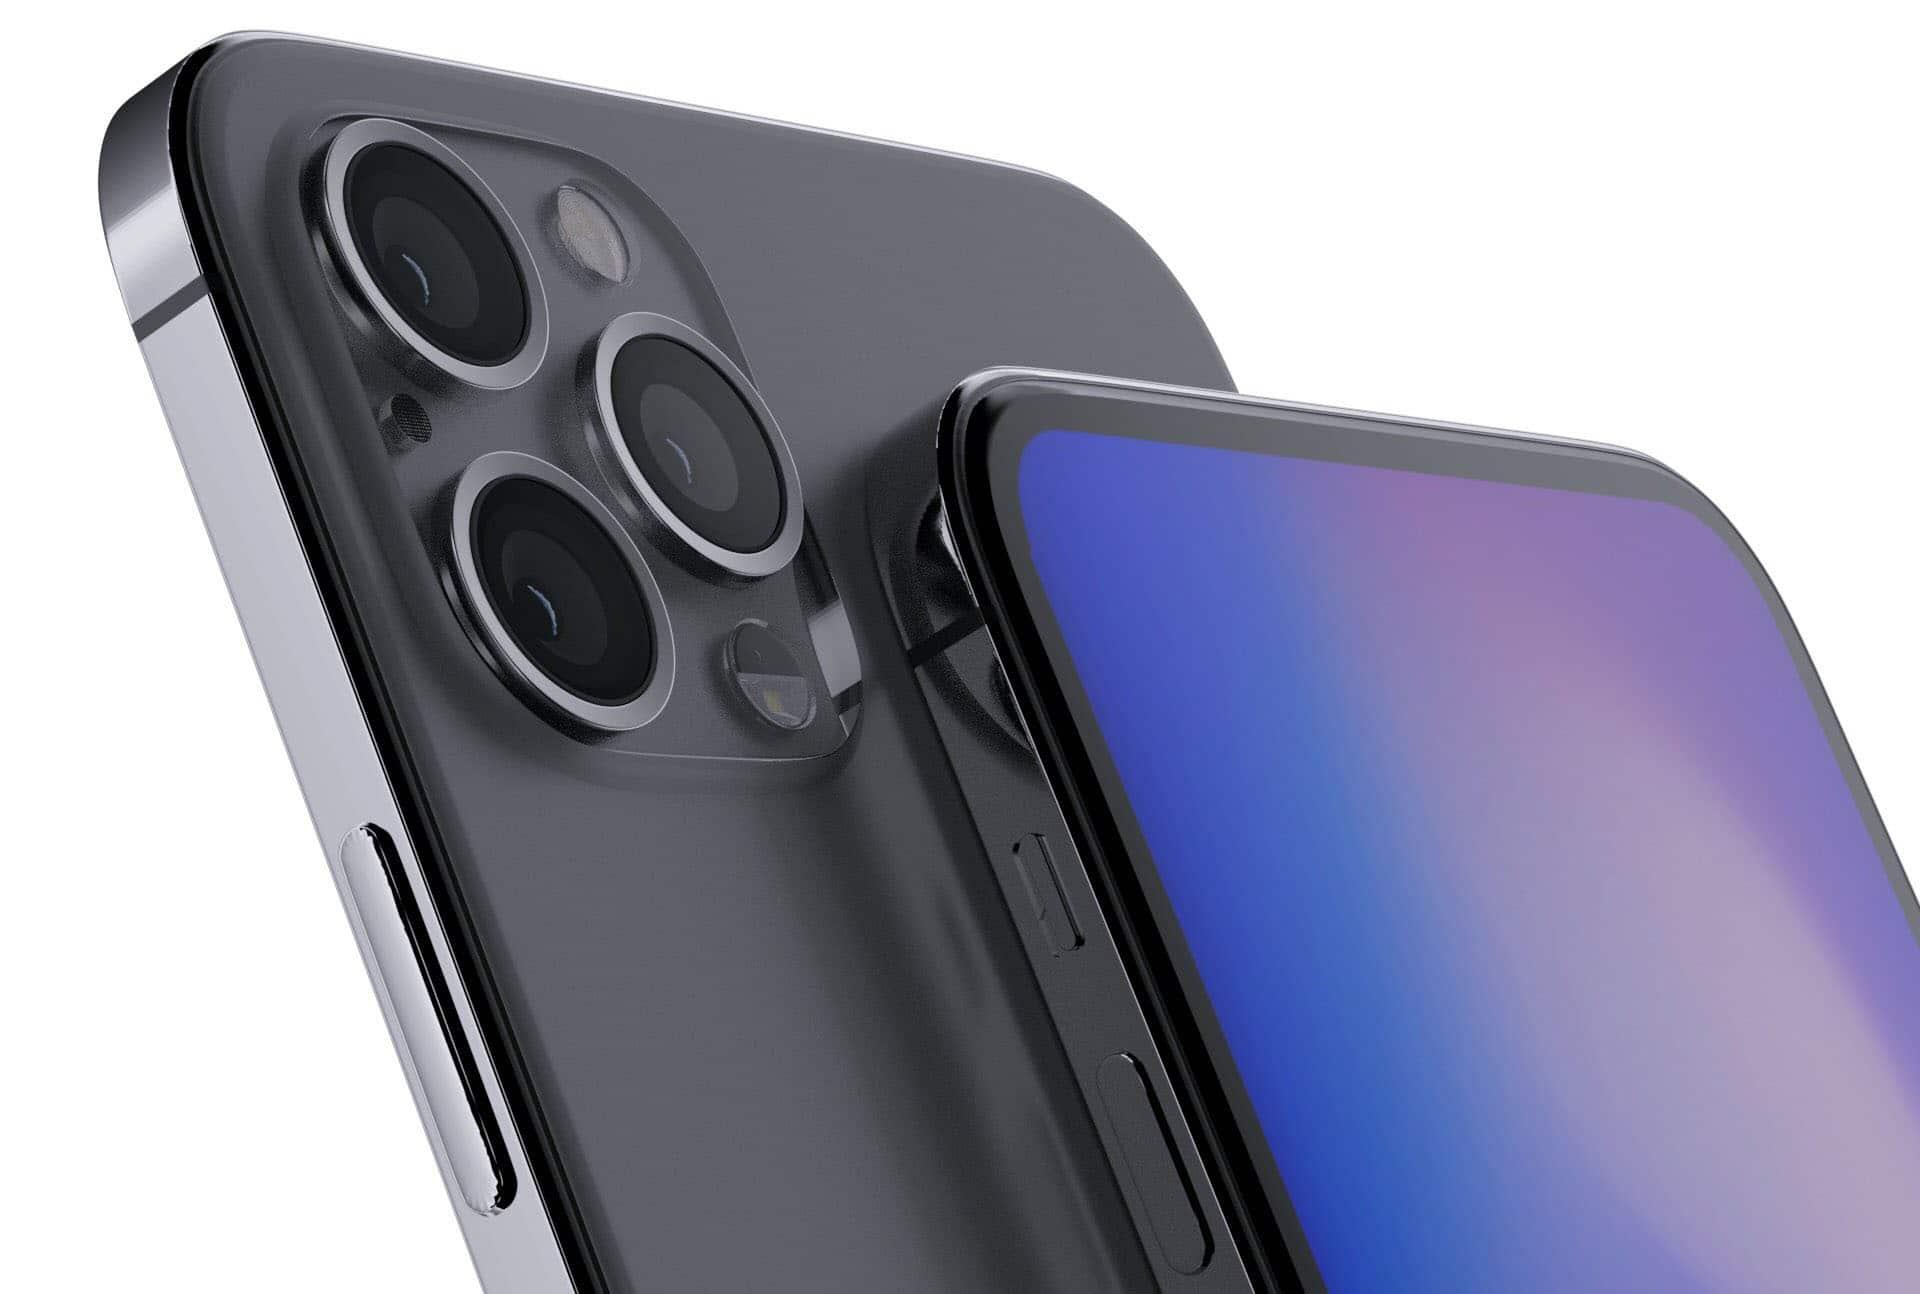 Πώς θα έμοιαζε το iPhone χωρίς την εγκοπή;